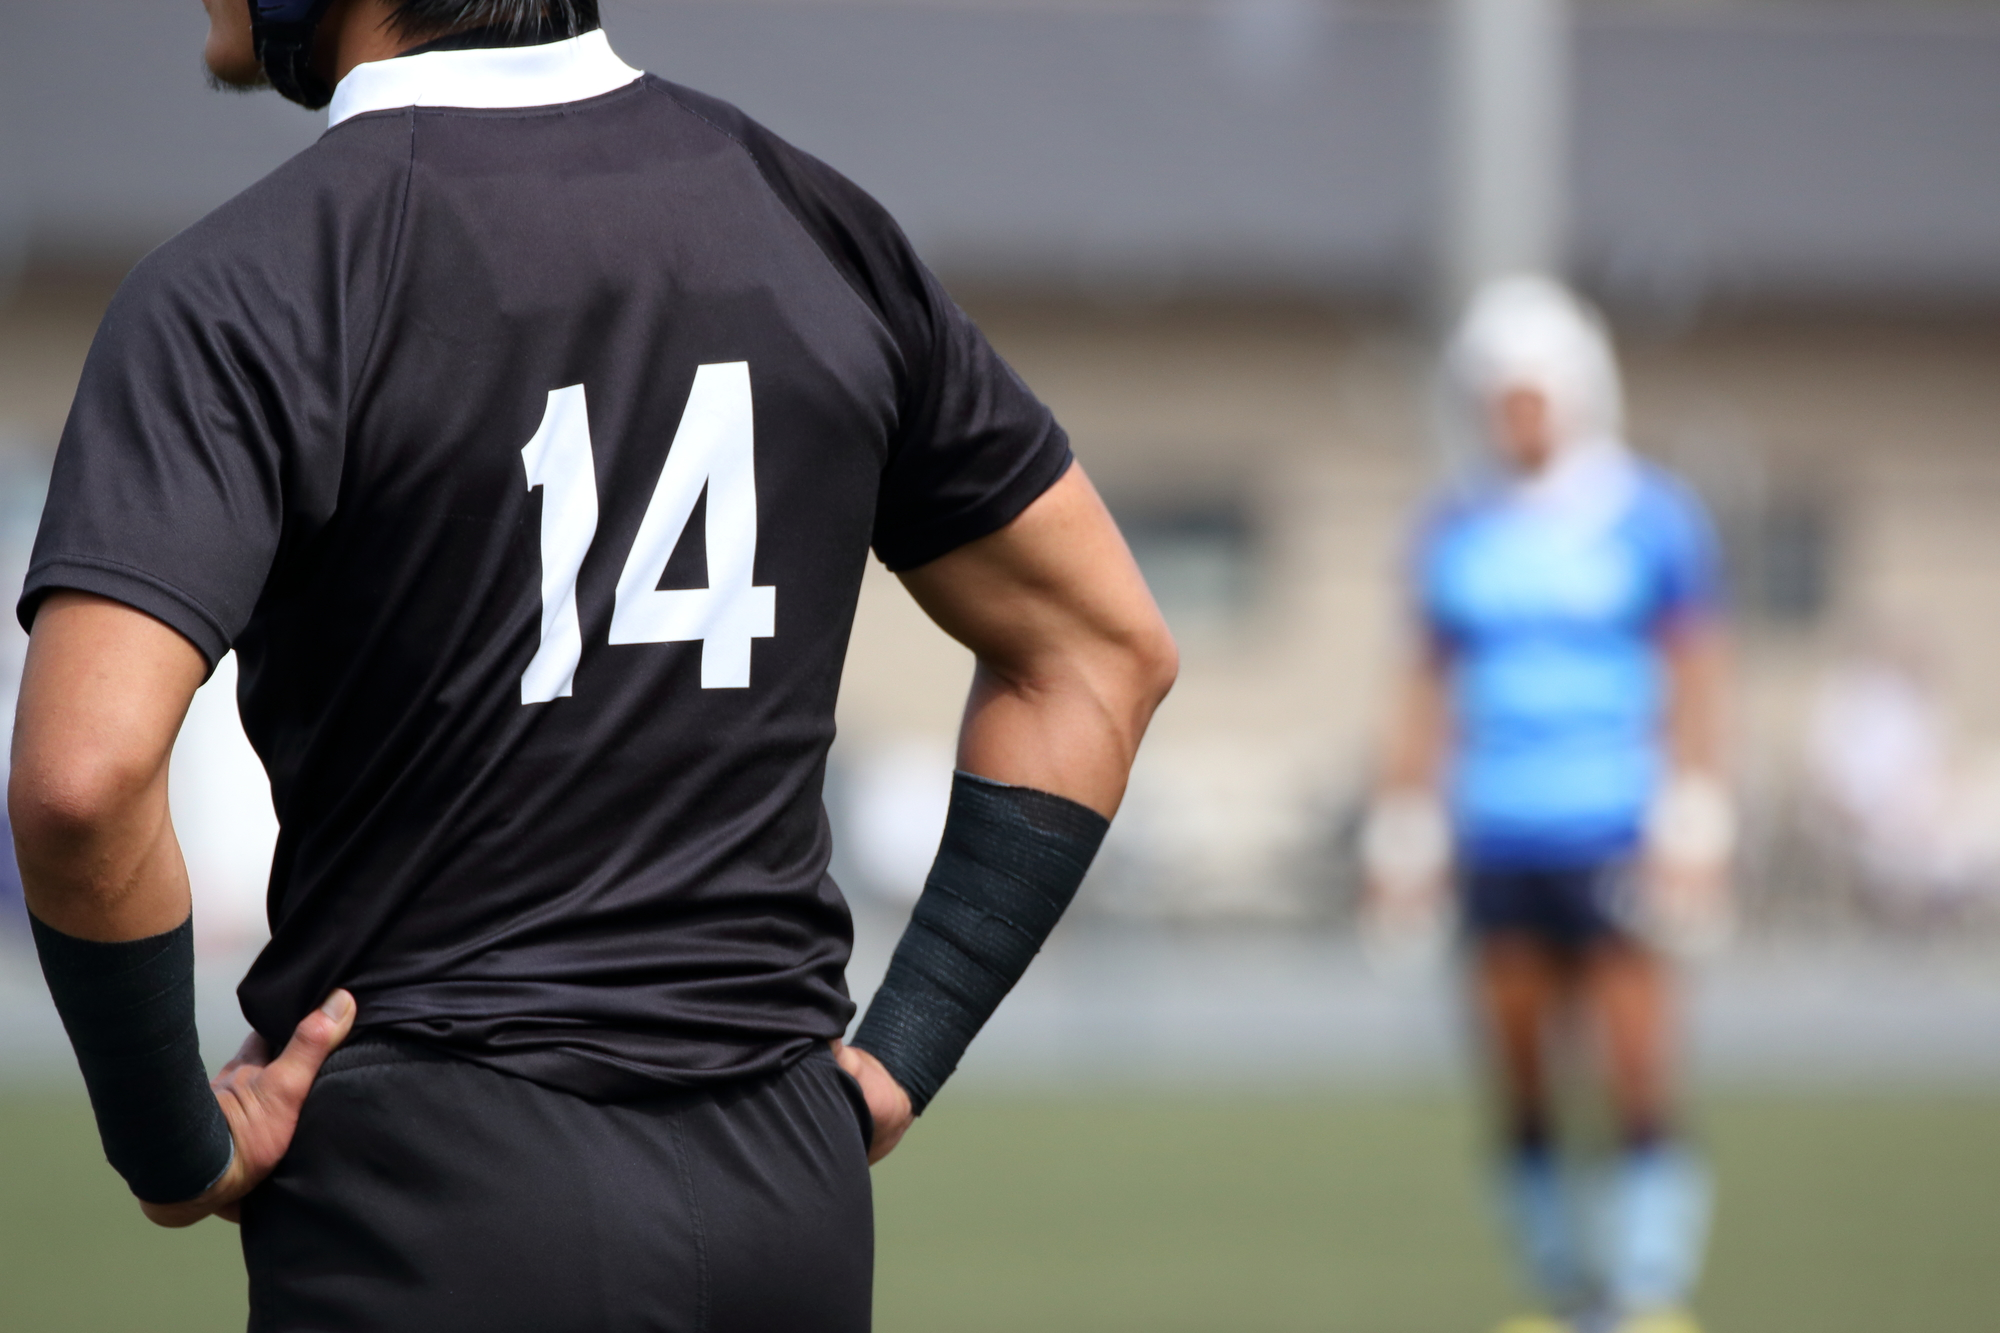 「体育会学生は就活に有利か?」のイメージ画像